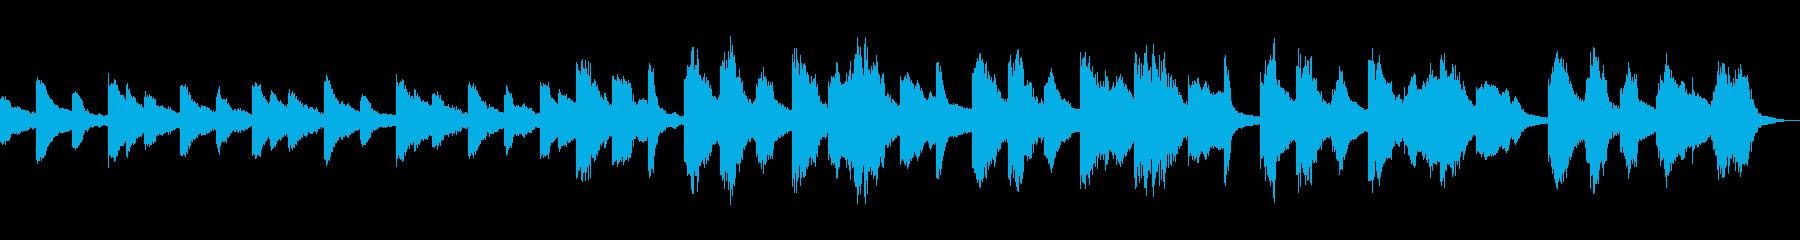 セクシー怪しいシンセCM 30秒の再生済みの波形